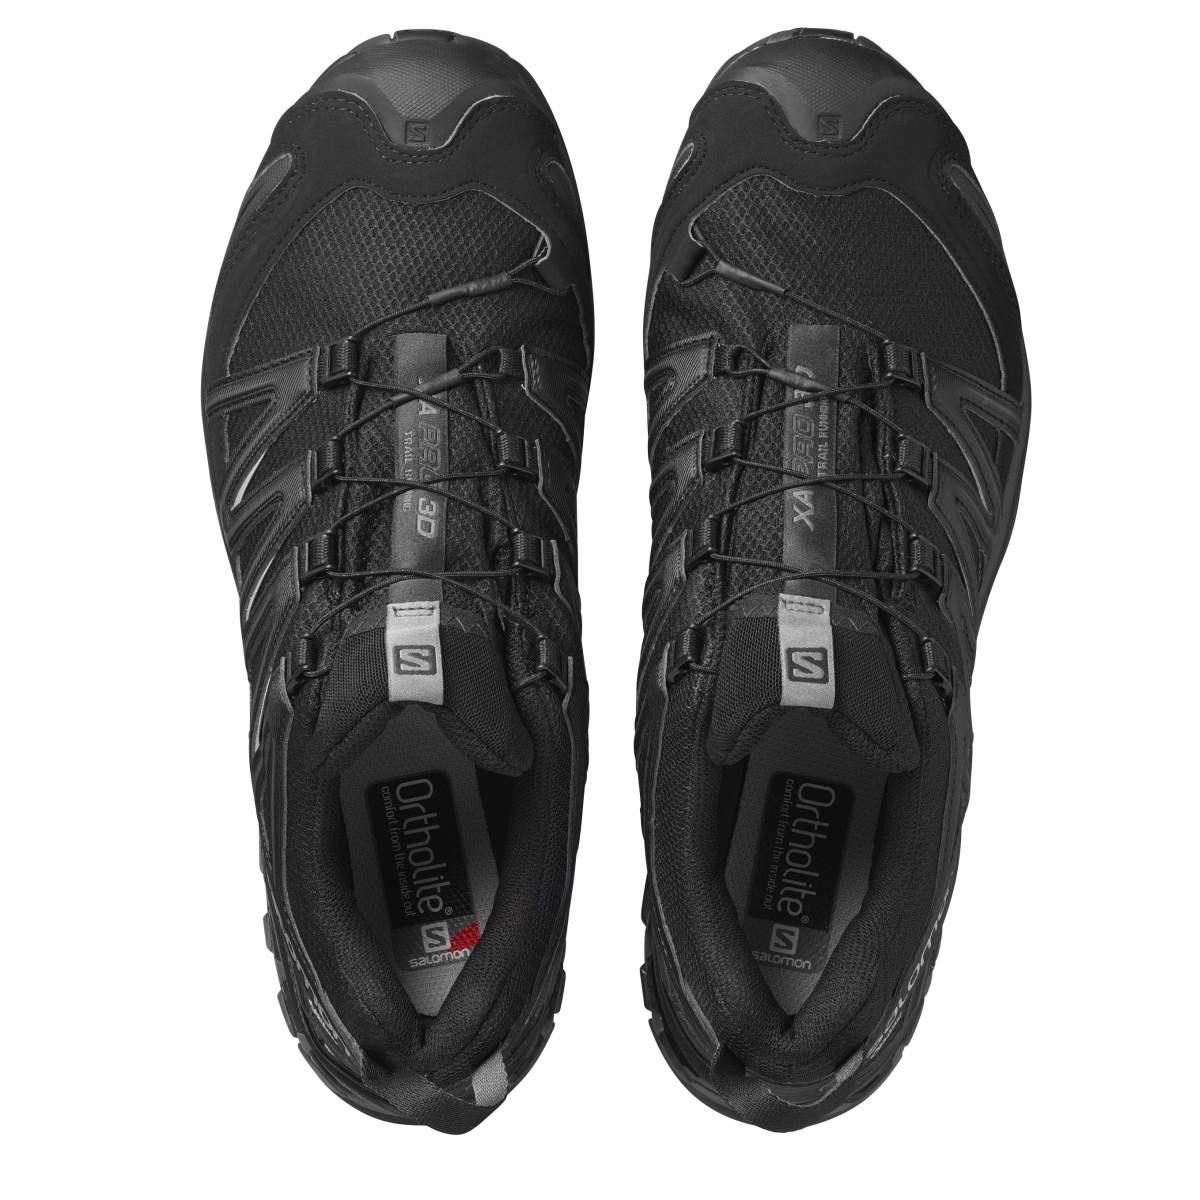 XA Pro 3D GTX Black 41 13